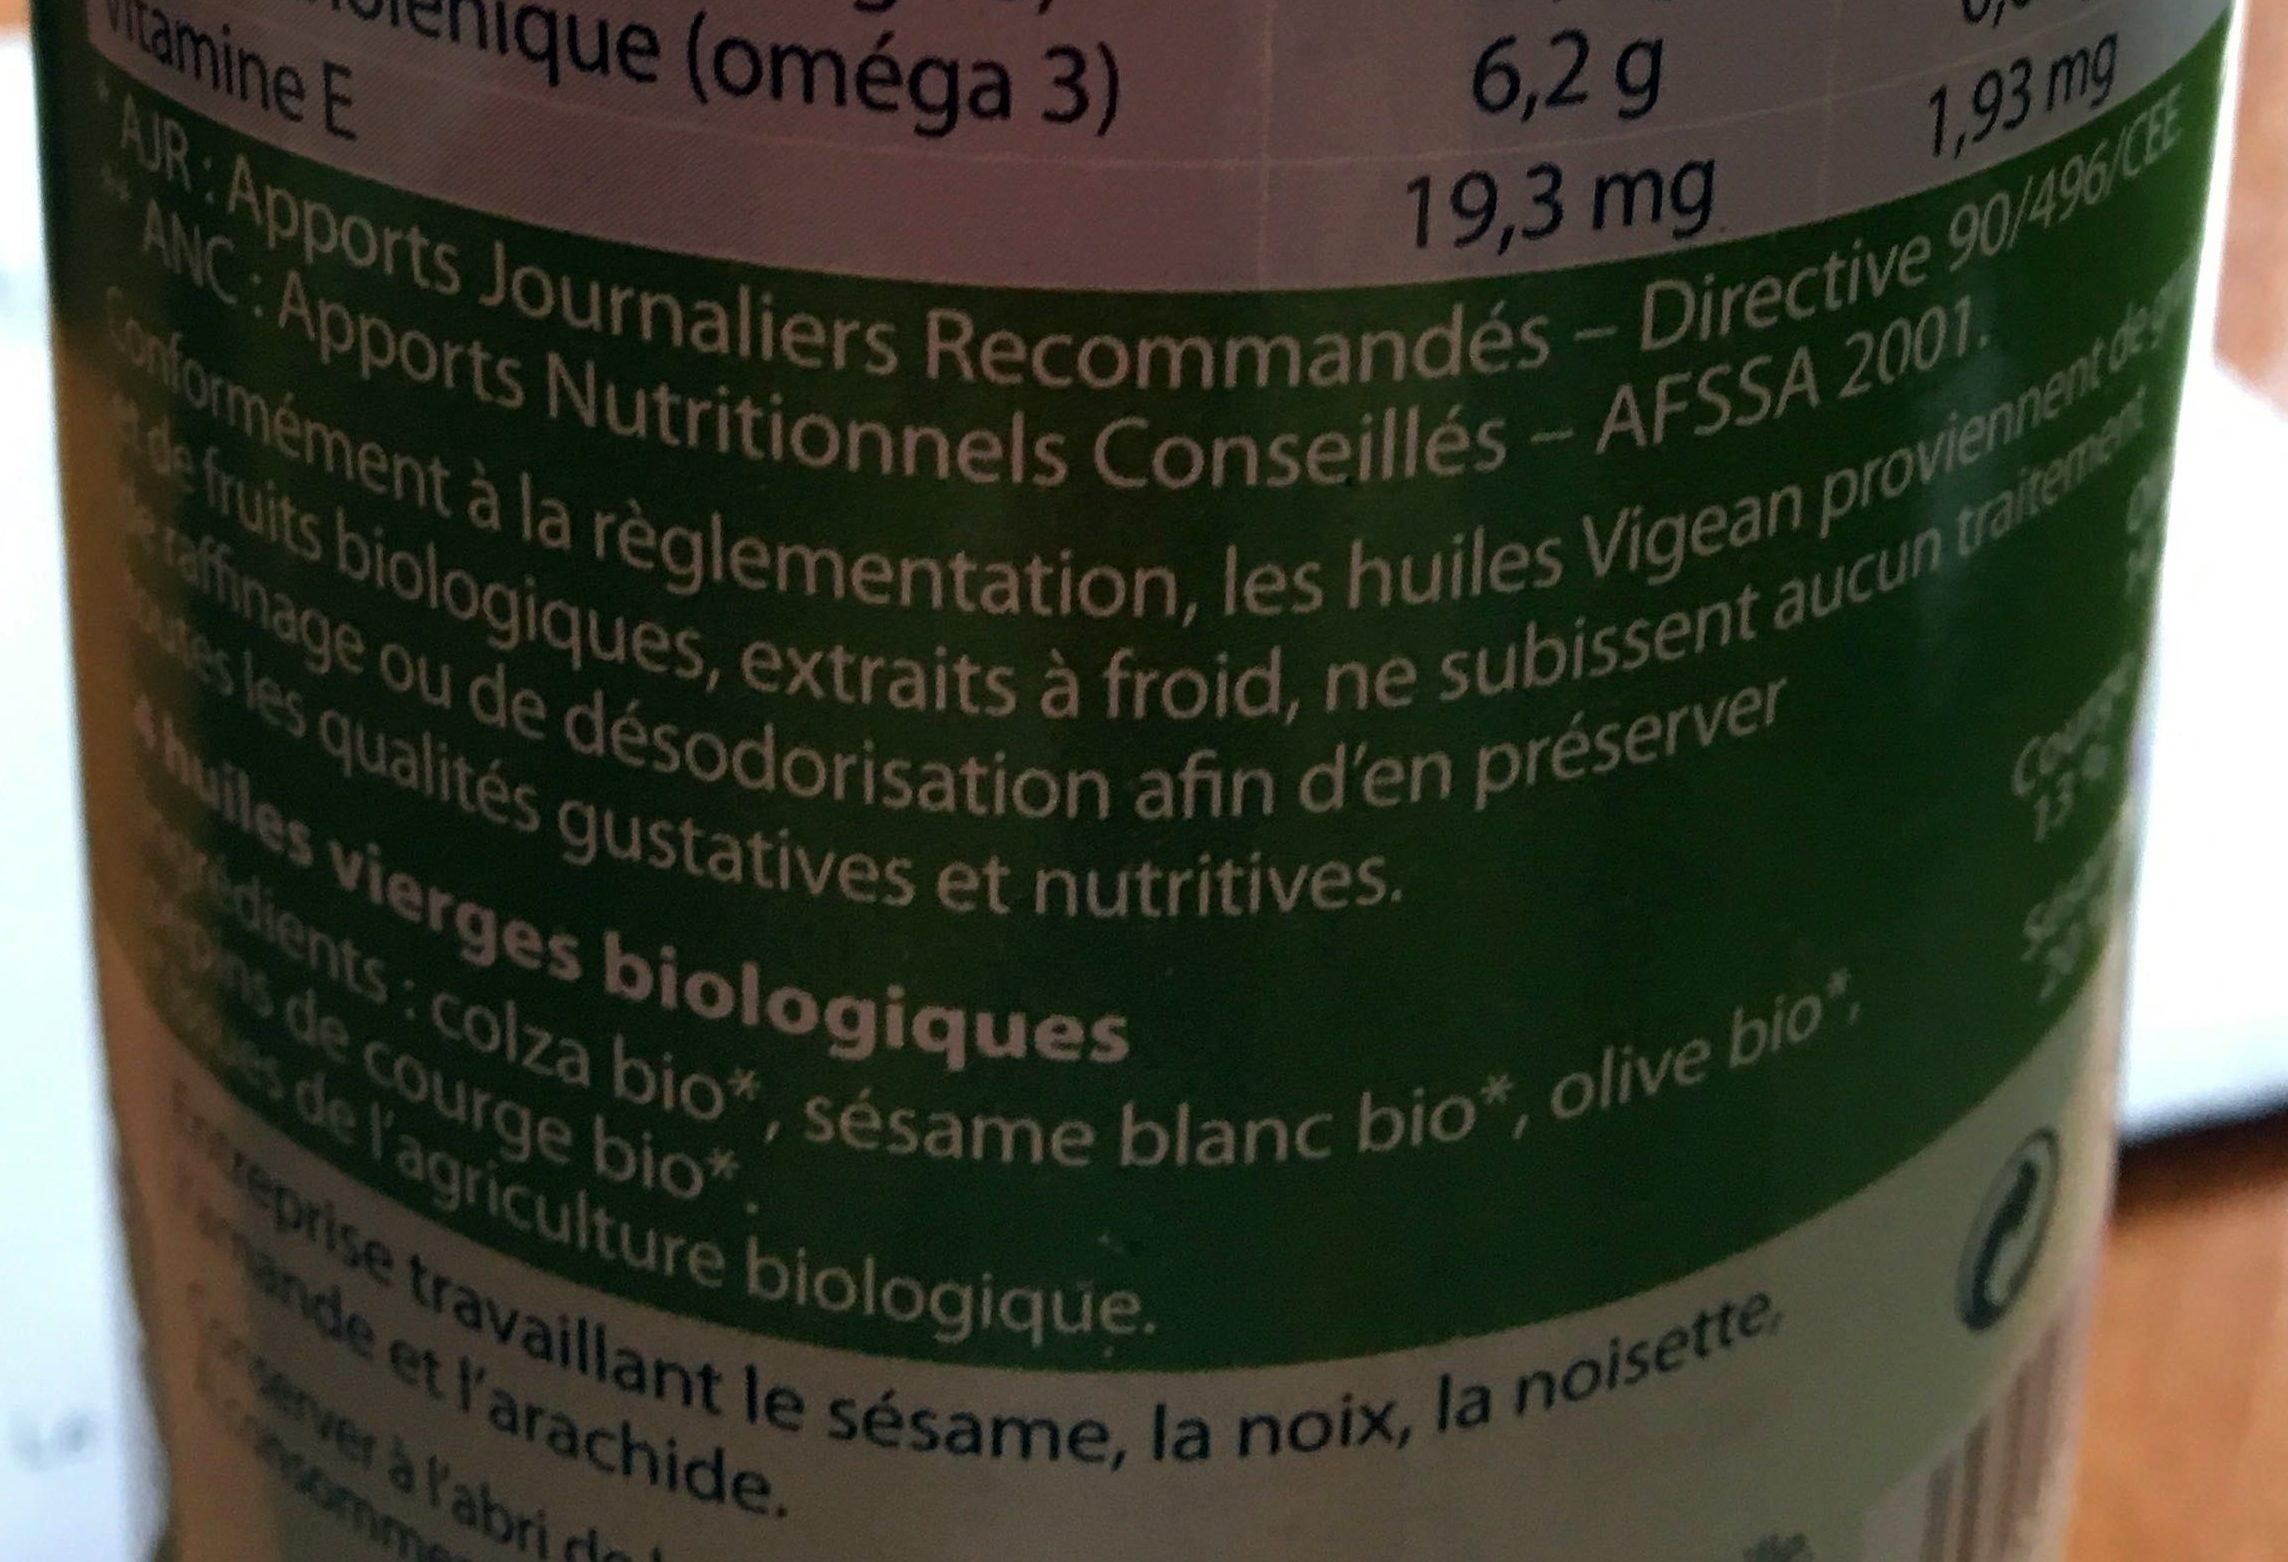 Huile de Pépins de courge Colza~Olive Sésame Première pression à froid - Ingredients